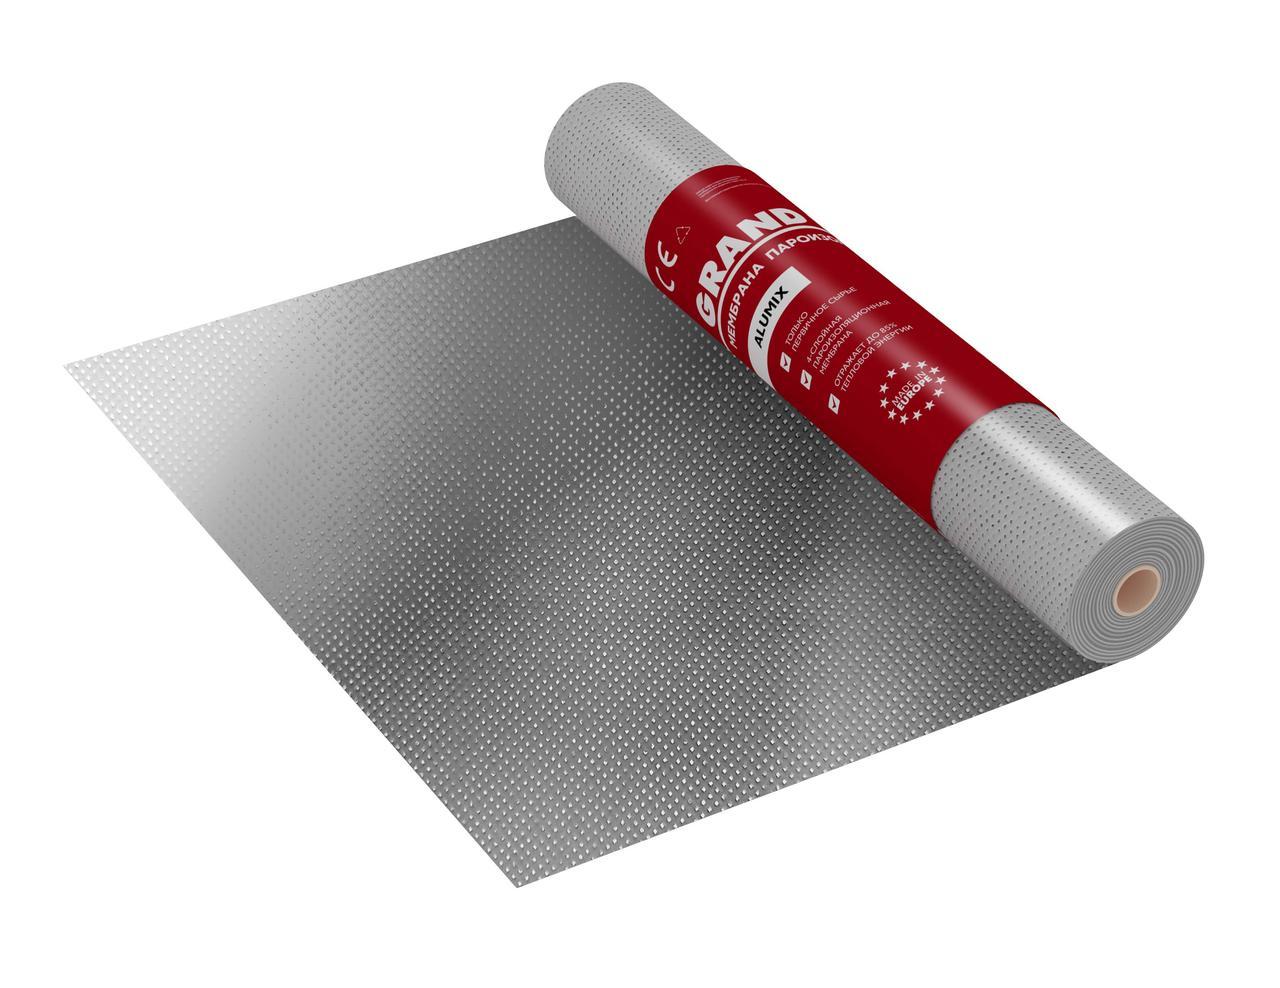 Паробарьер С — материал, который необходим для качественной кровли